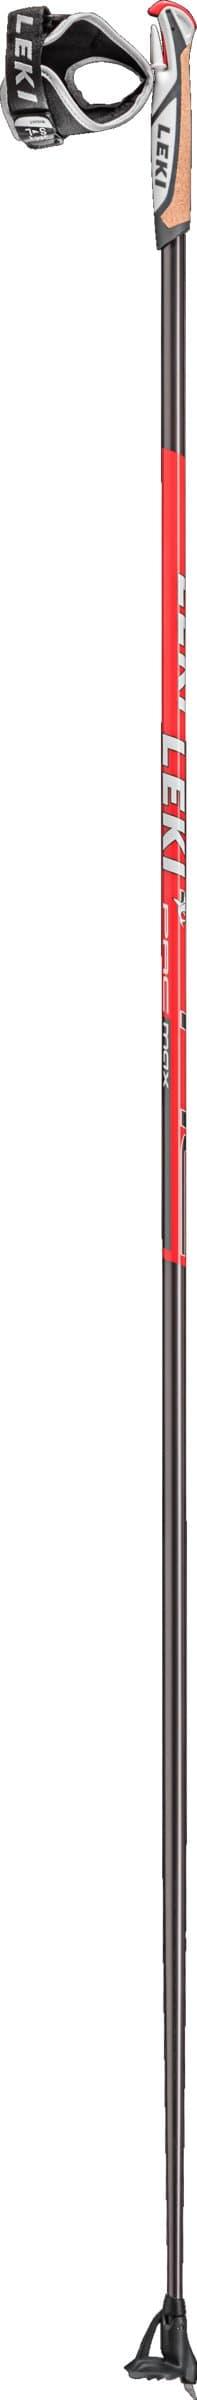 Leki PRC max Bâton de ski de fond